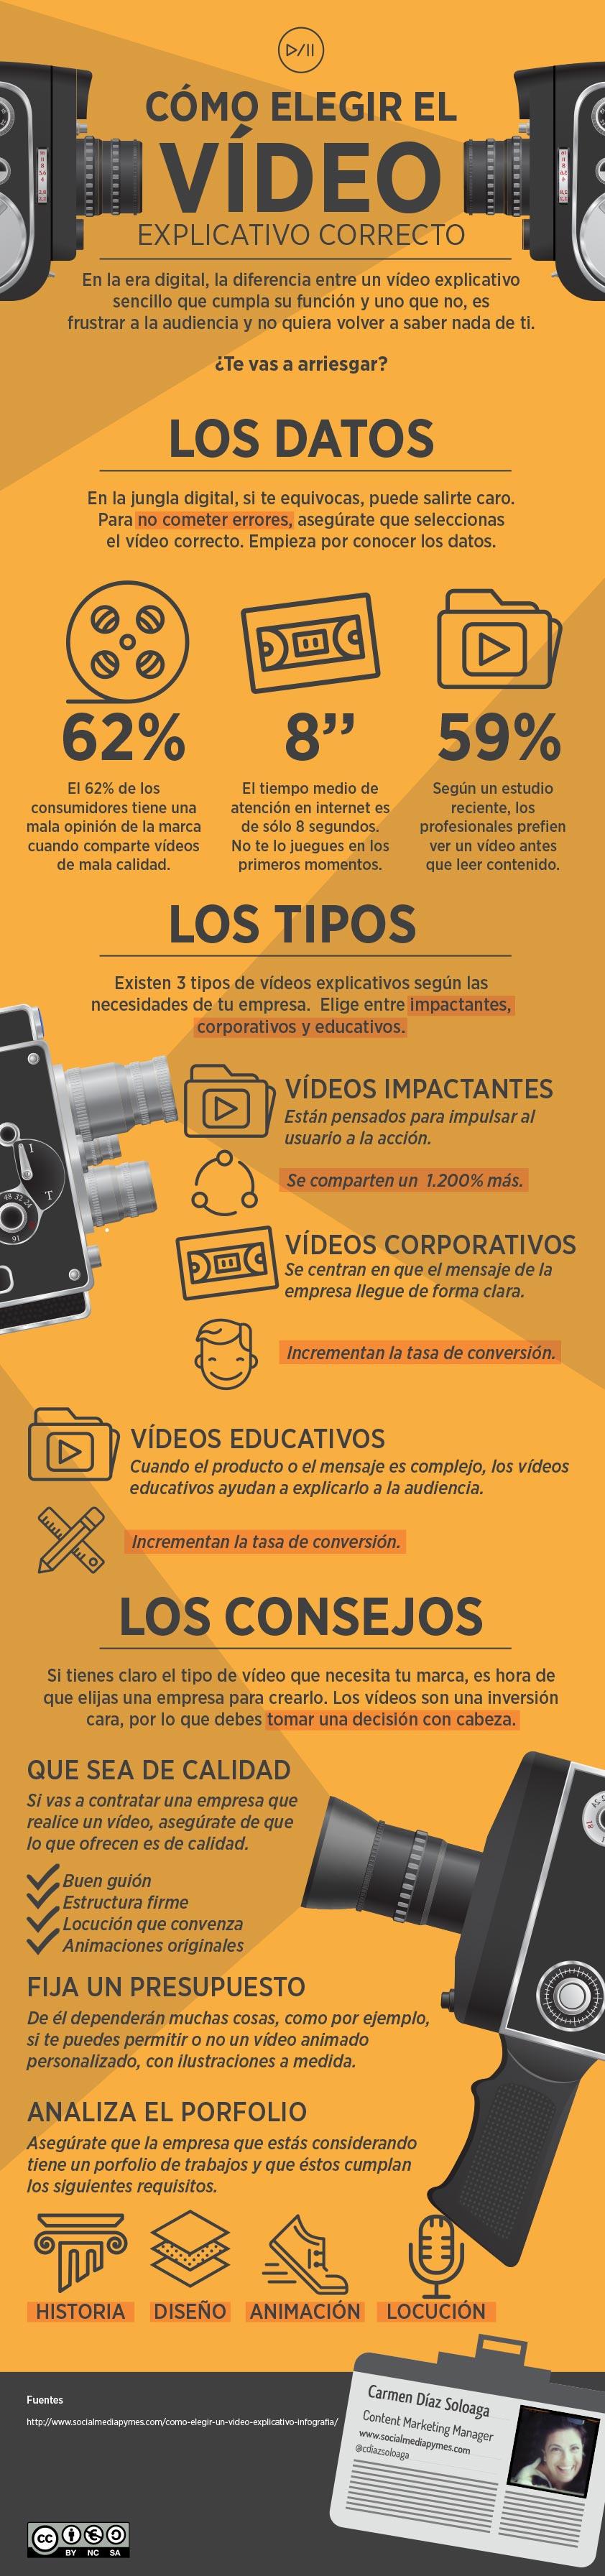 Cómo elegir el vídeo explicativo correcto #infografia #infographic #marketing